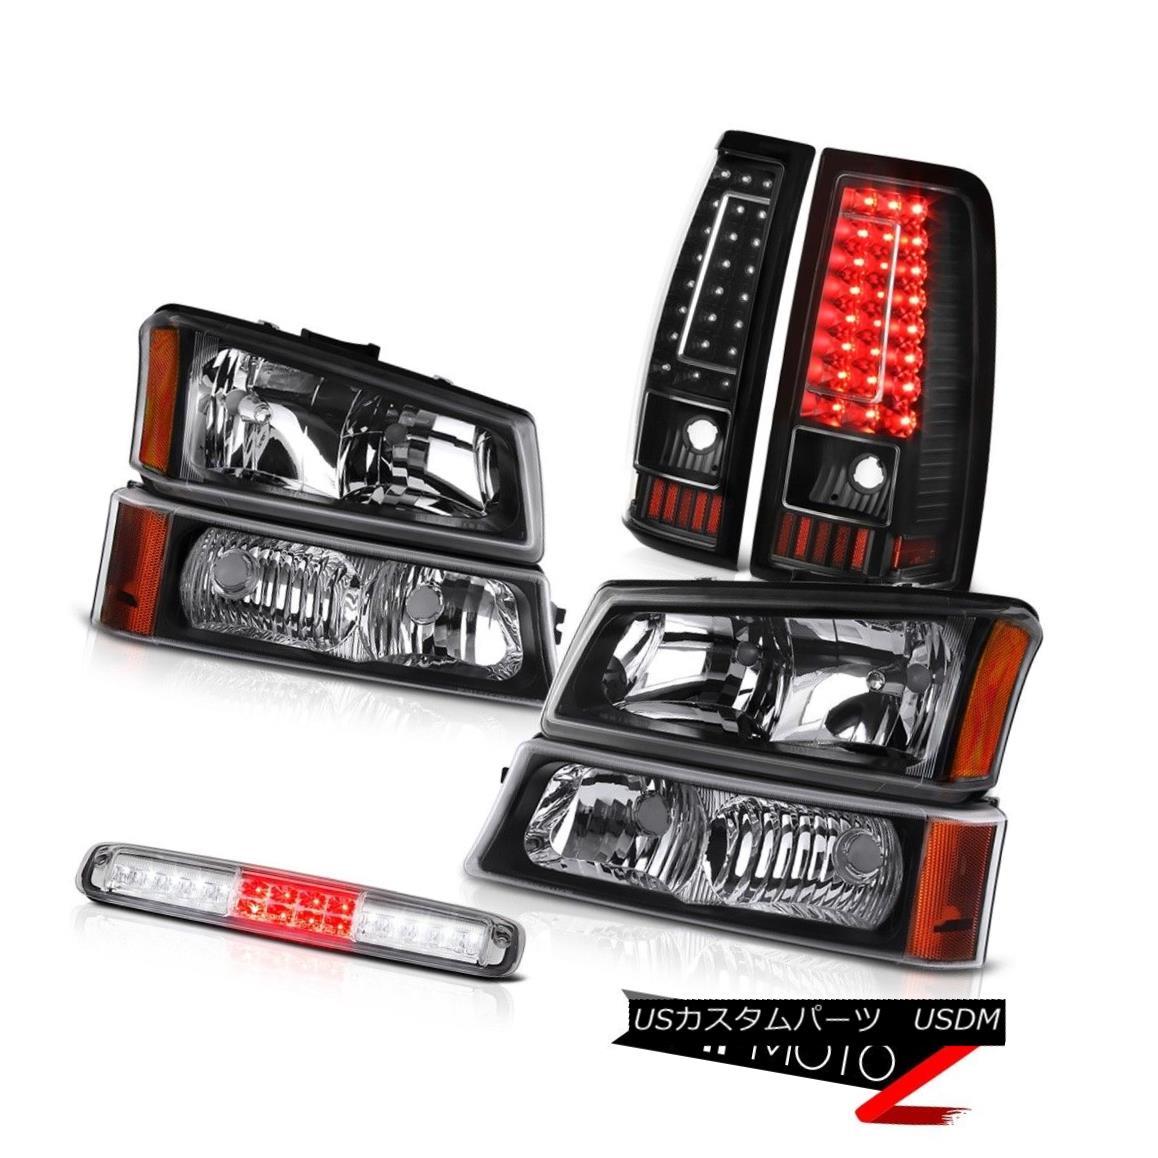 テールライト 03-06 Silverado 1500 Chrome 3RD Brake Lamp Taillights Signal Light Headlights 03-06 Silverado 1500 Chrome 3RDブレーキランプテールライトシグナルライトヘッドライト